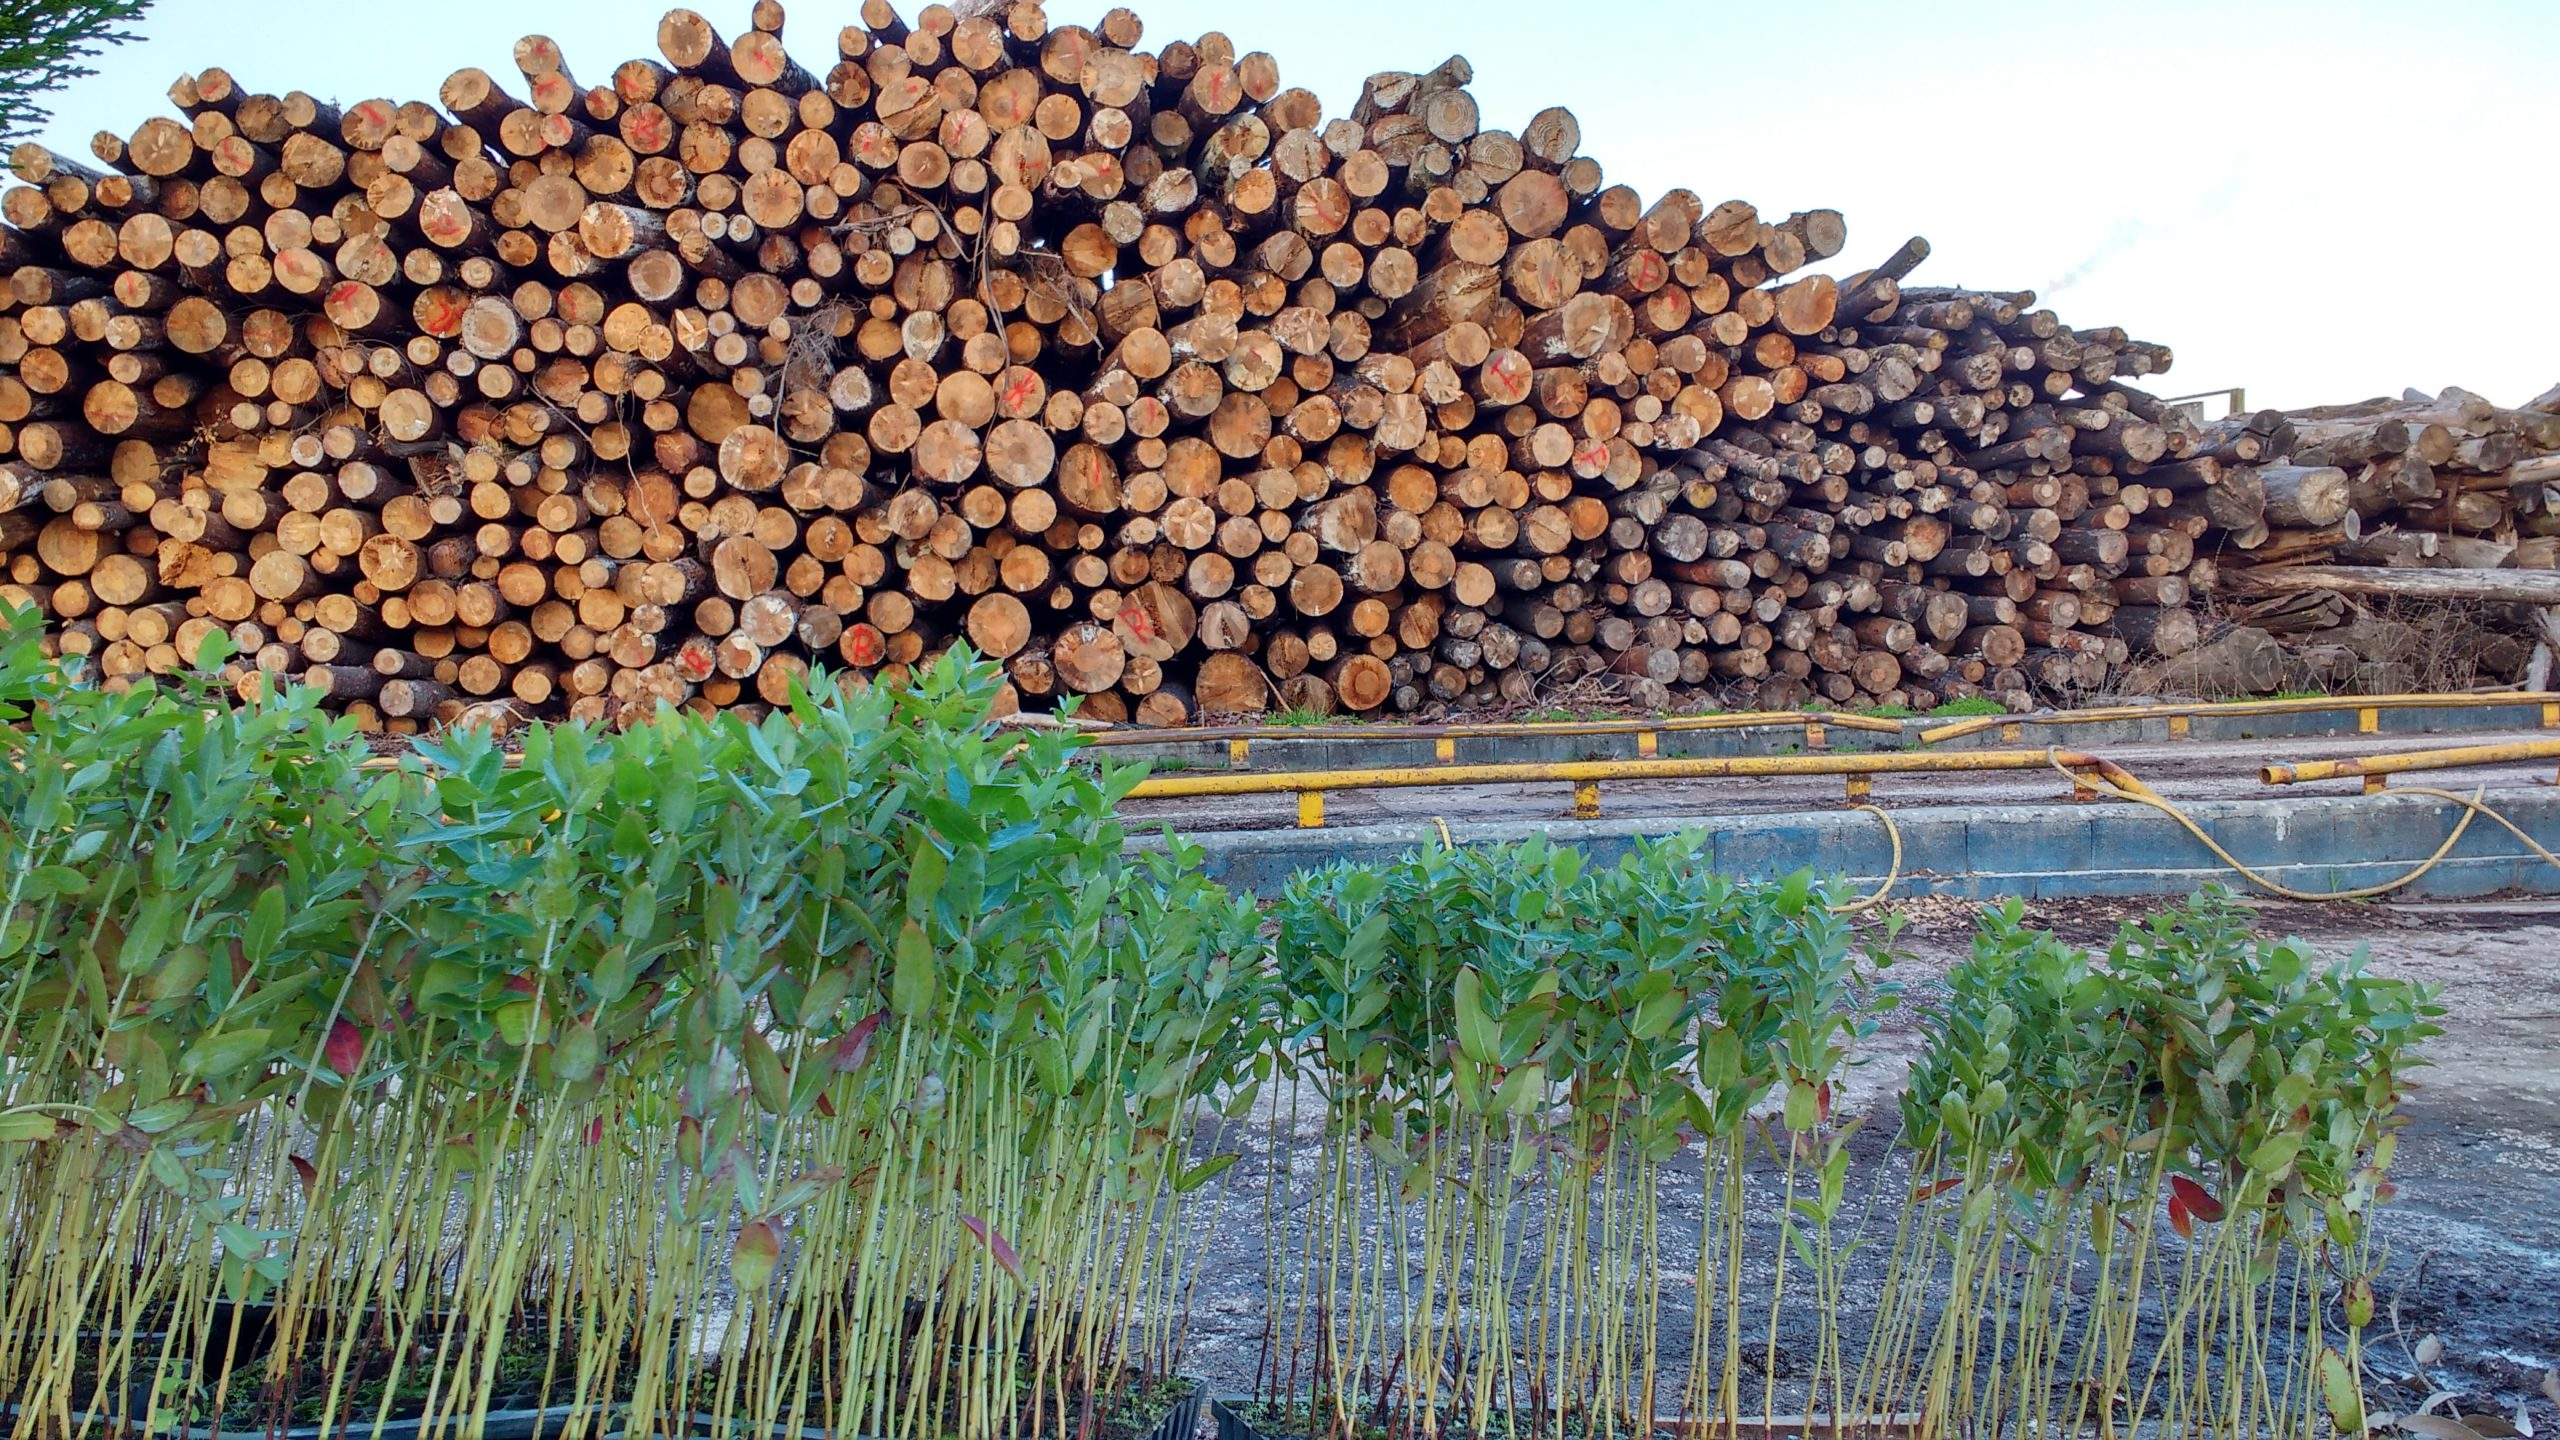 Portuguese-nature-part-2-Deforestation